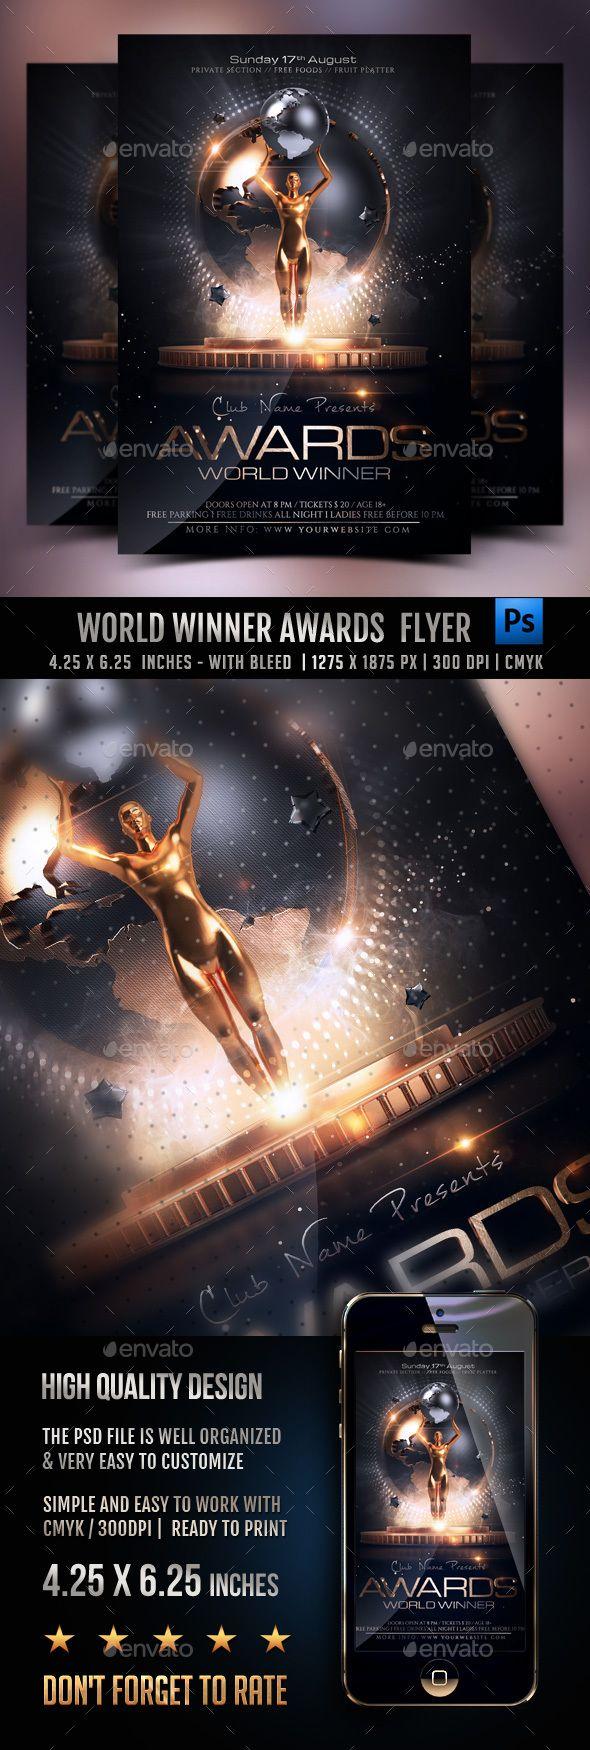 World Winner Awards Flyer Template PSD. Download here: https://graphicriver.net/item/world-winner-awards/17404944?ref=ksioks